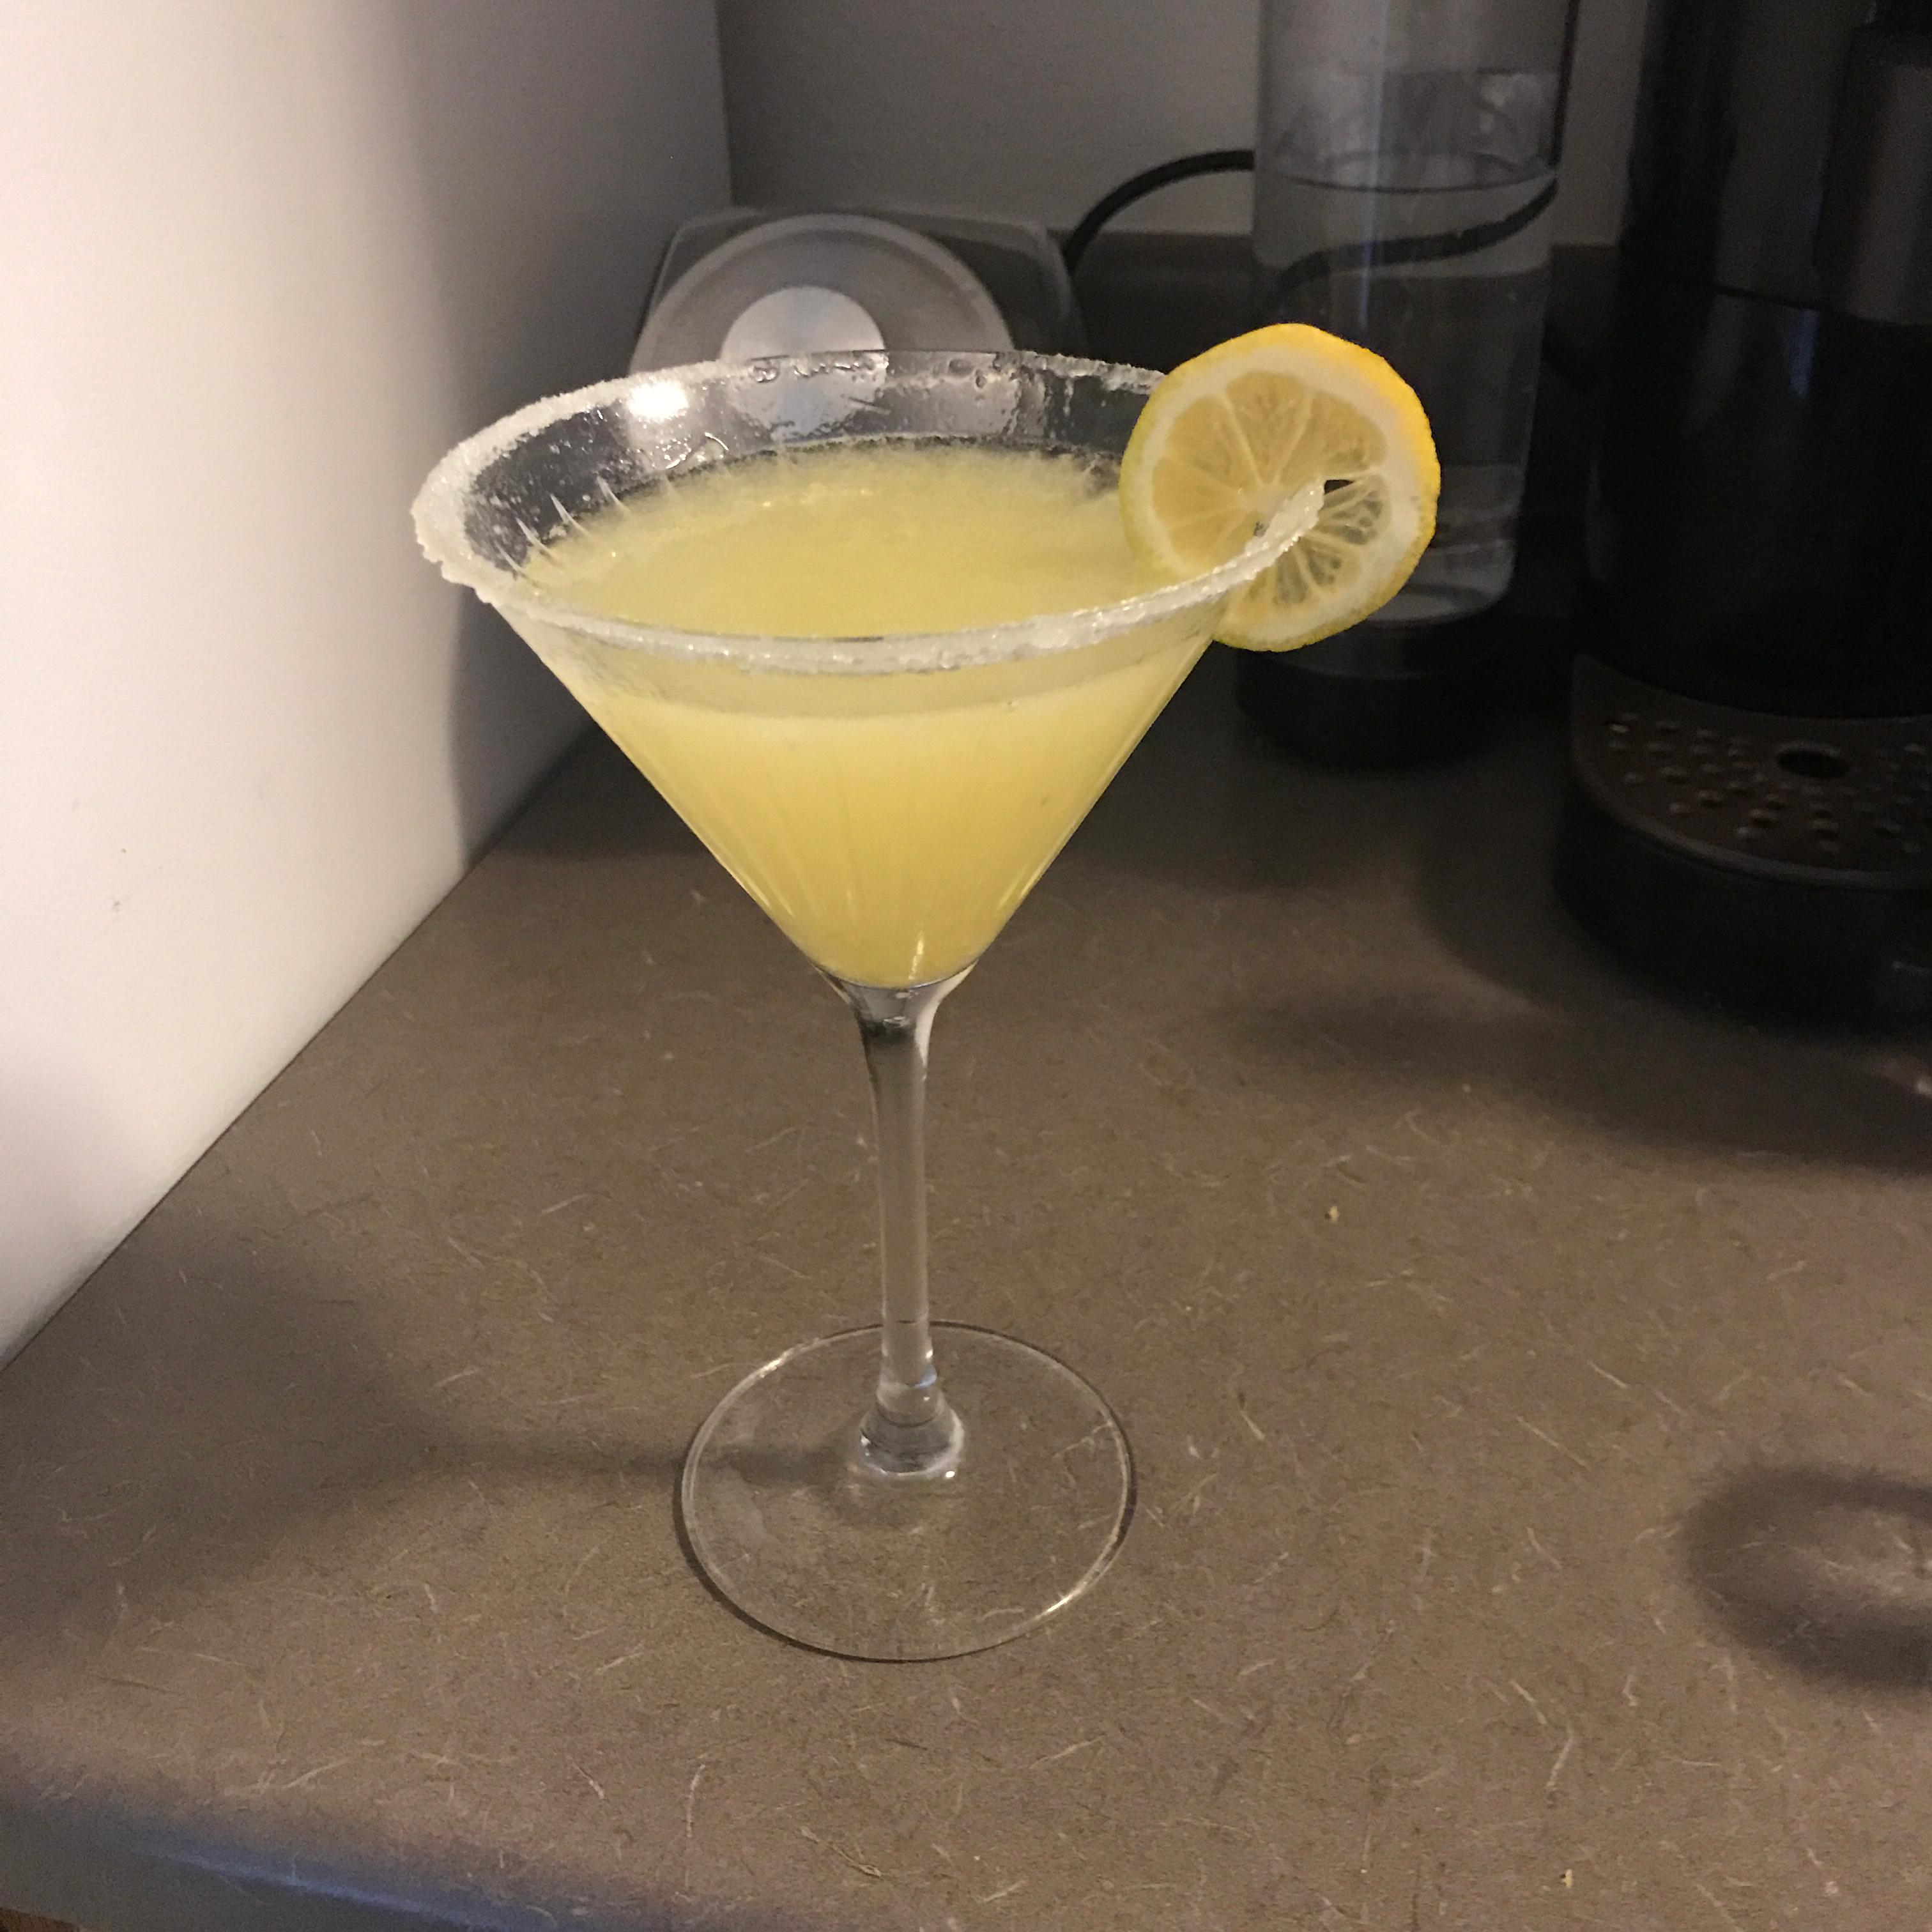 Lemony Lemon Drop Martini kellsbells